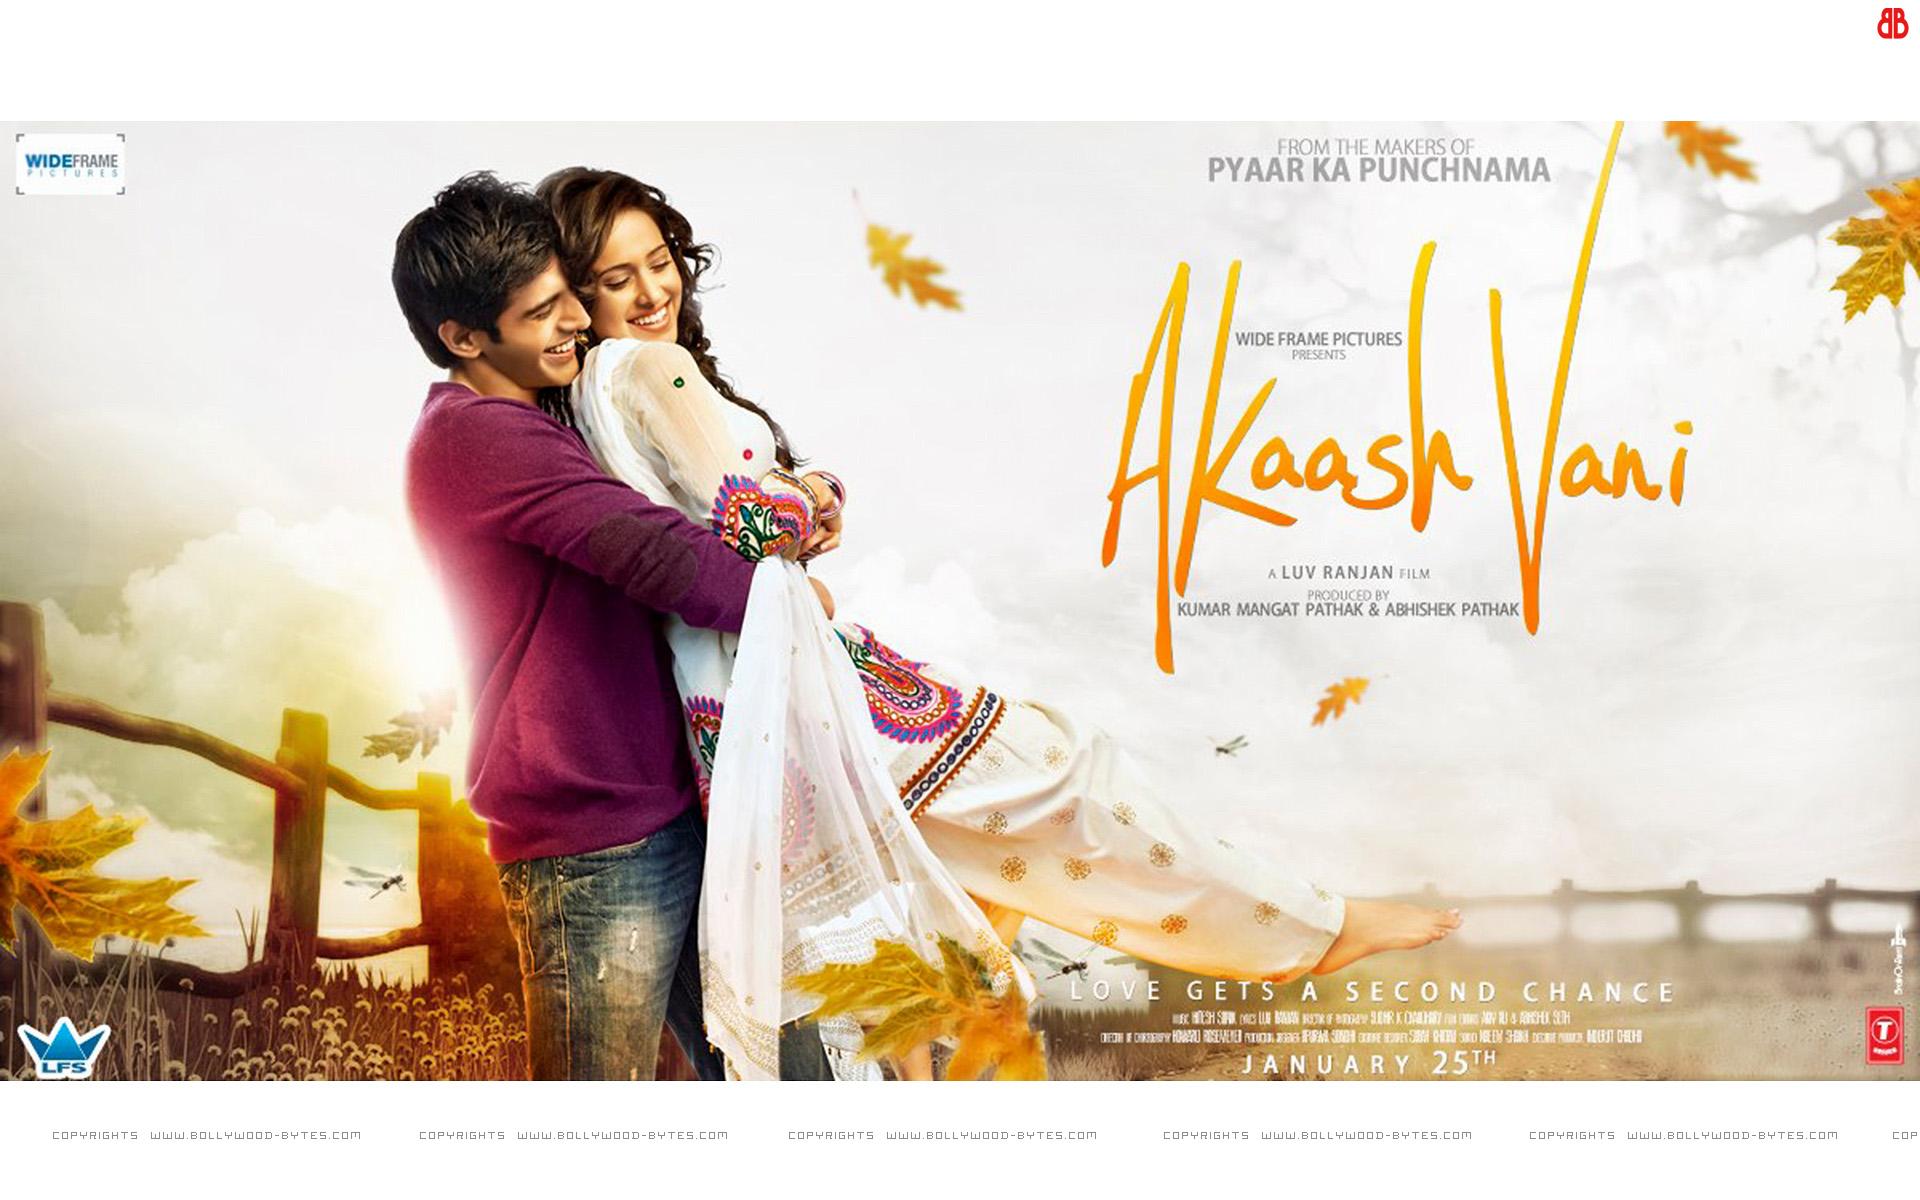 http://3.bp.blogspot.com/-w53cMWi3ybU/UQ1bqfAmMNI/AAAAAAAAaNQ/4P9AxLHAv84/s1920/AkaashVani-+Nartik-Tiwari-Nushrat-Bharucha-HD-Wallpaper-20.jpg